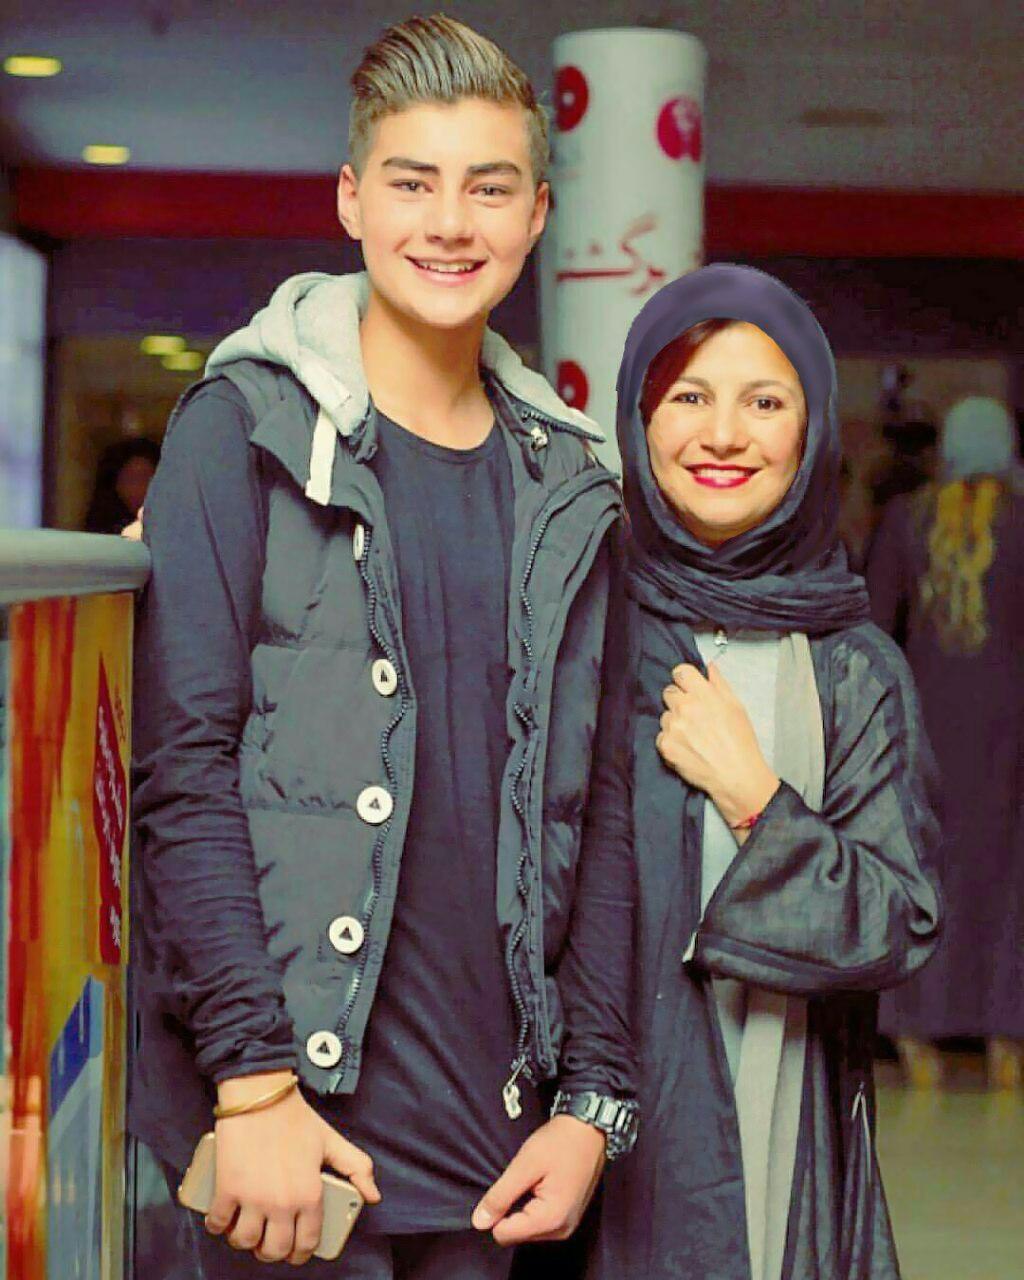 بازیگر زن در کنار پسرش در جشنواره امسال